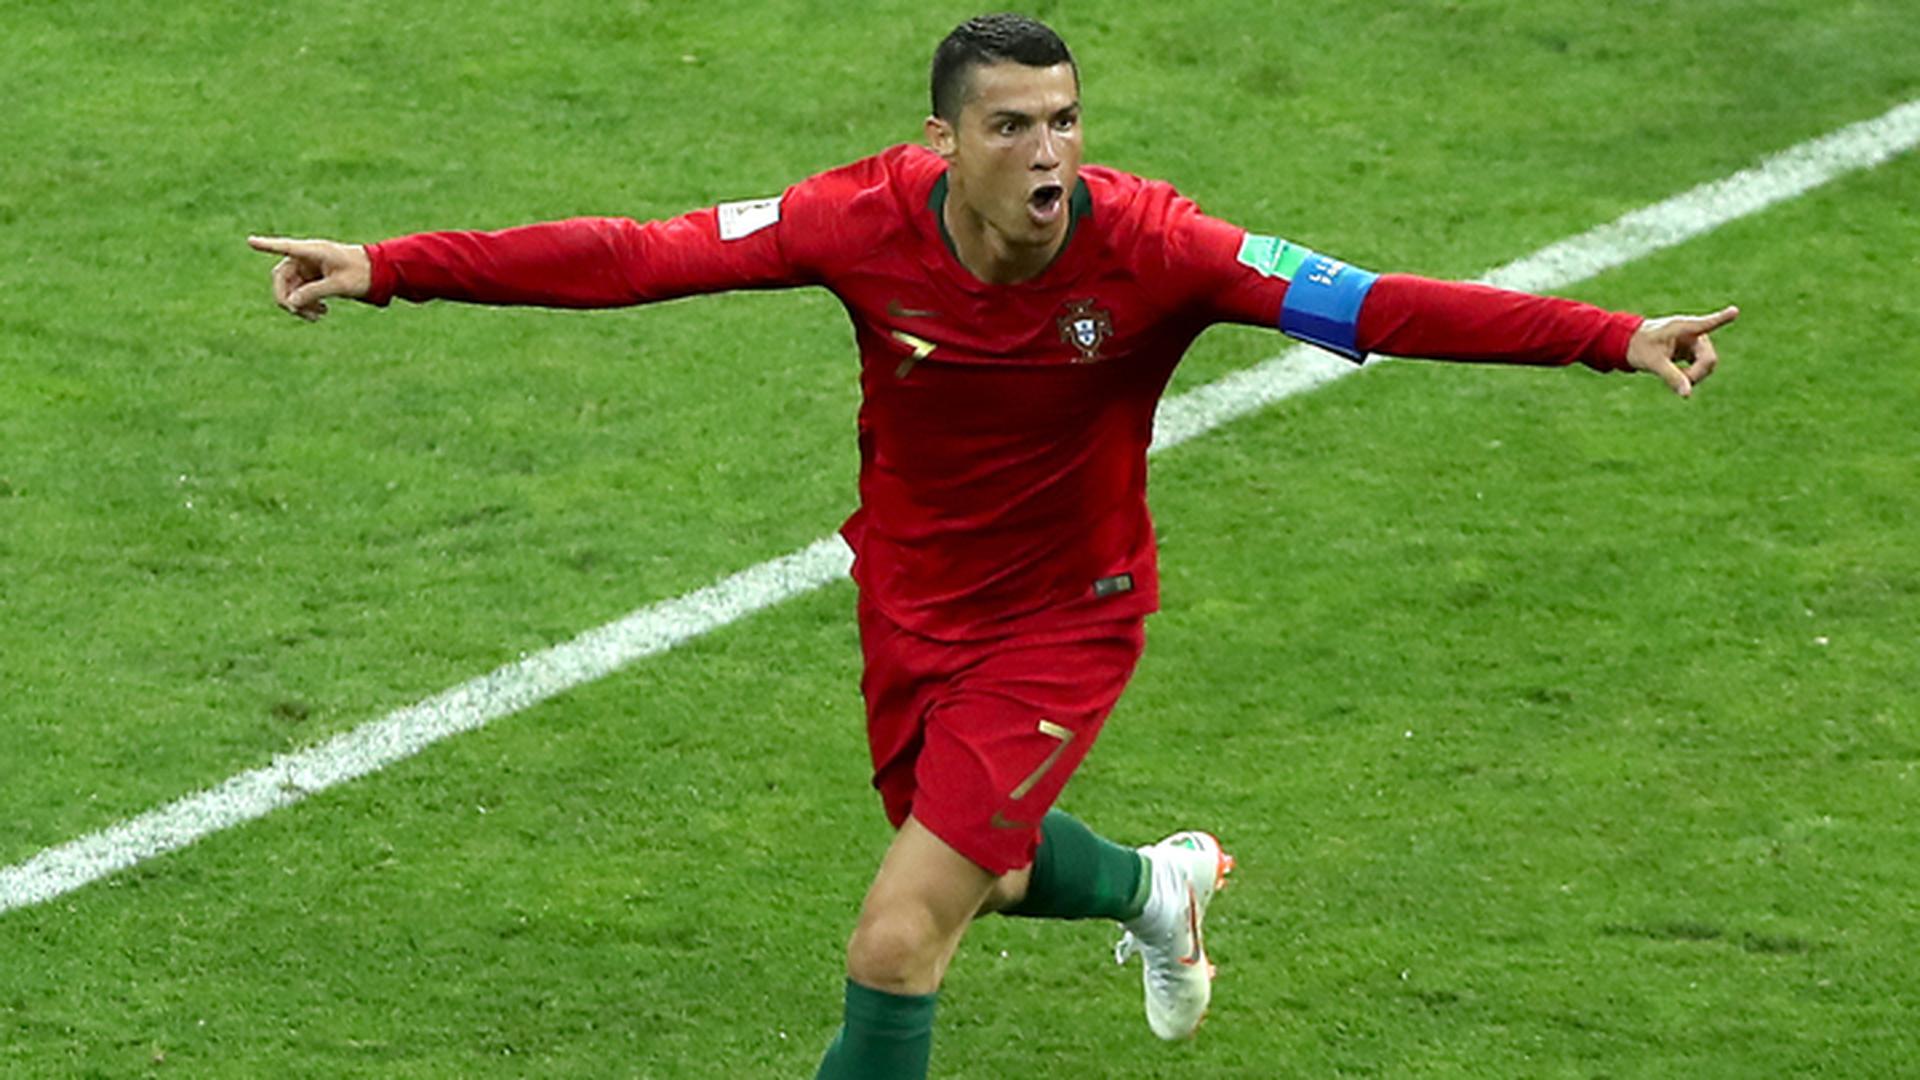 Португальцы и испанцы забили по три мяча